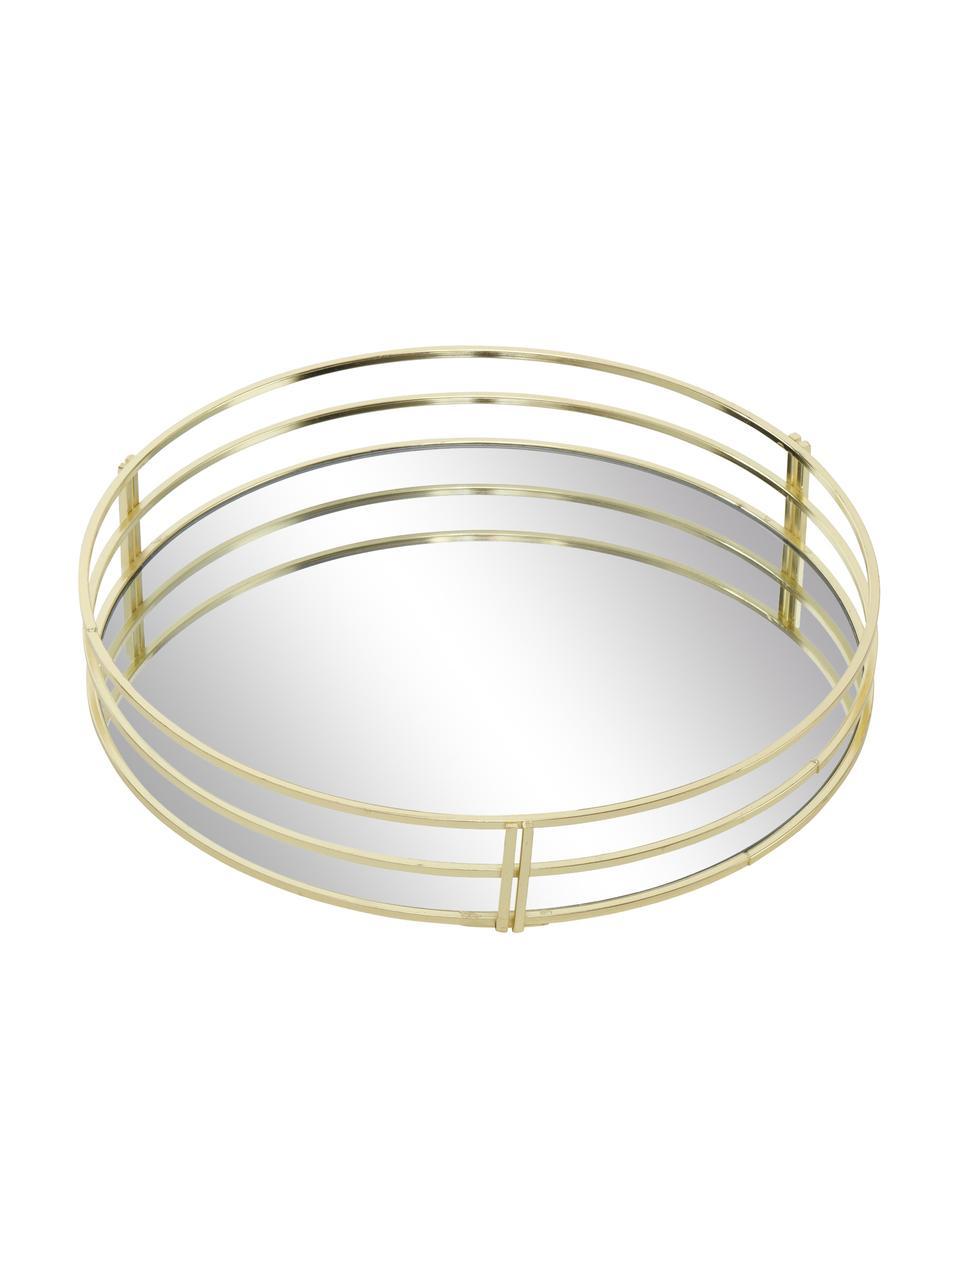 Deko-Tablett-Set Sino, 2-tlg., Rahmen: Metall, beschichtet, Ablagefläche: Spiegelglas, Messingfarben, Set mit verschiedenen Größen